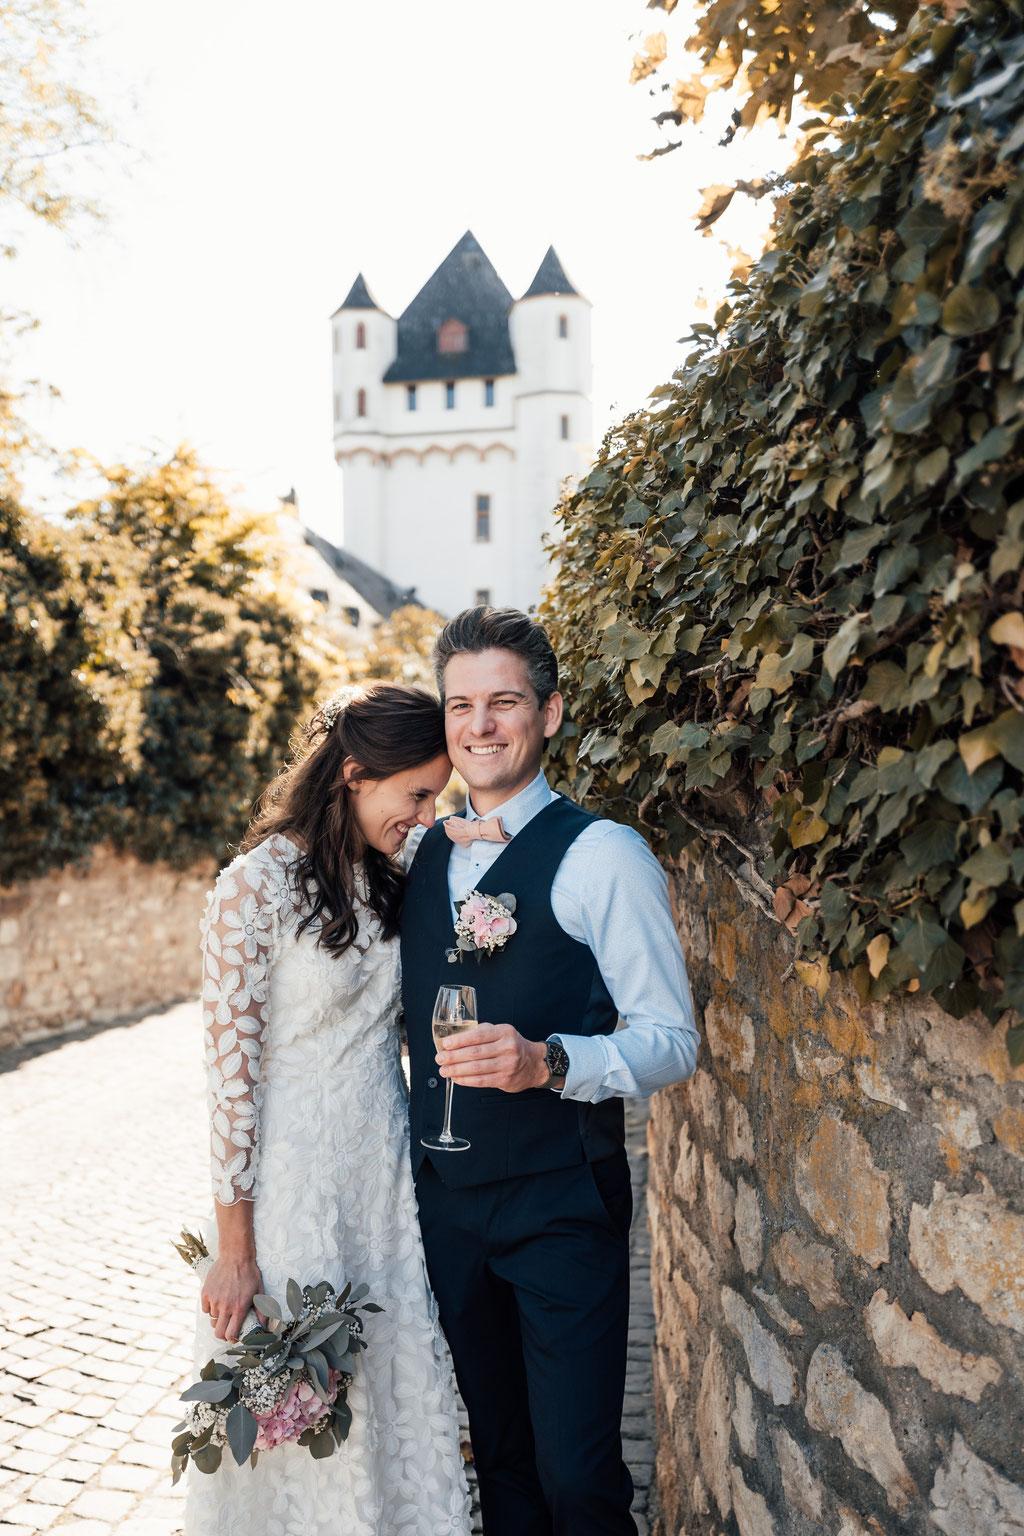 Hochzeitsfotografin Eltville, Brautpaaraufnahmen